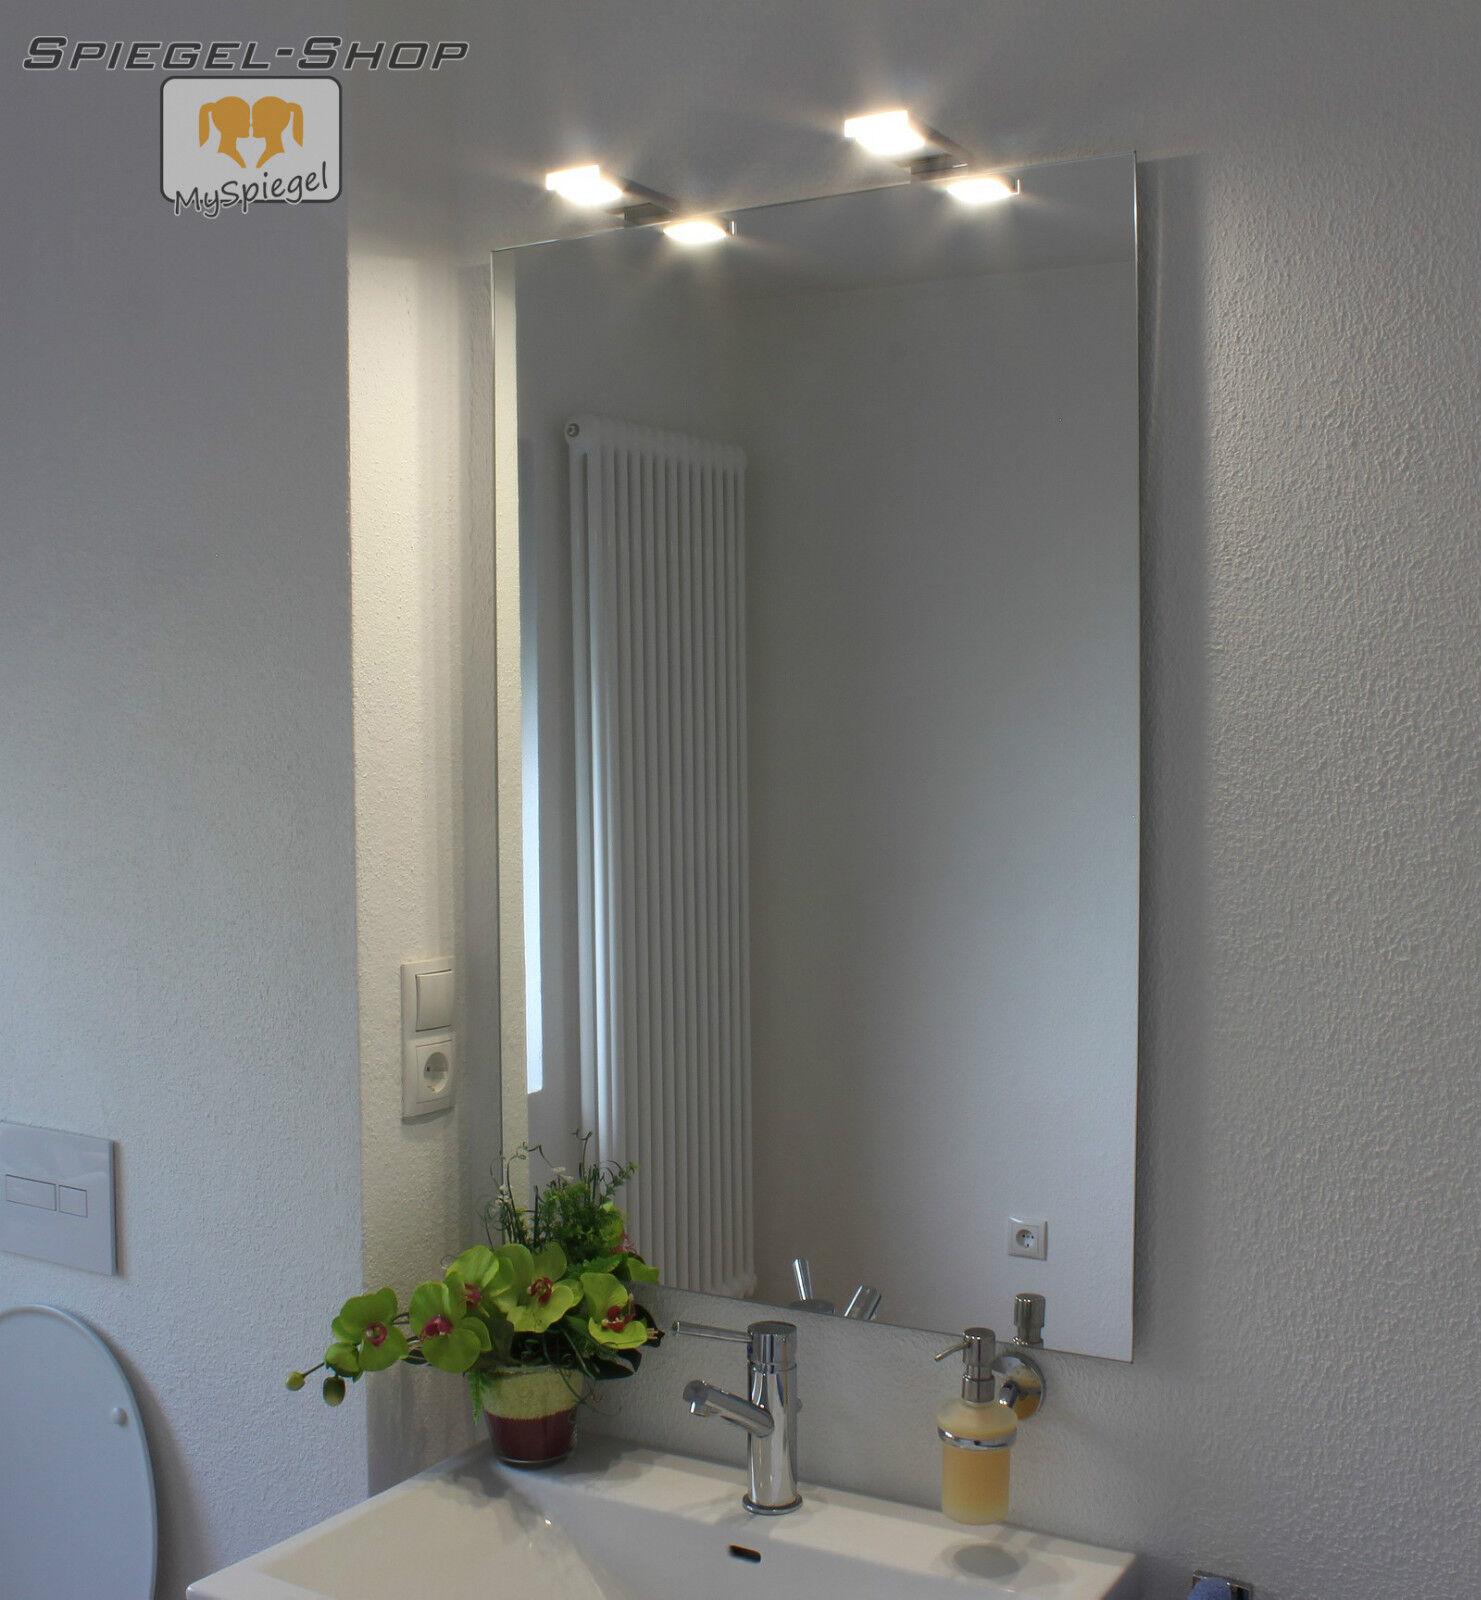 BRAN LED LEUCHT LAMPE BELEUCHTETER SPIEGEL MIT STEILFACETTE 130x70CM 2 LAMPEN